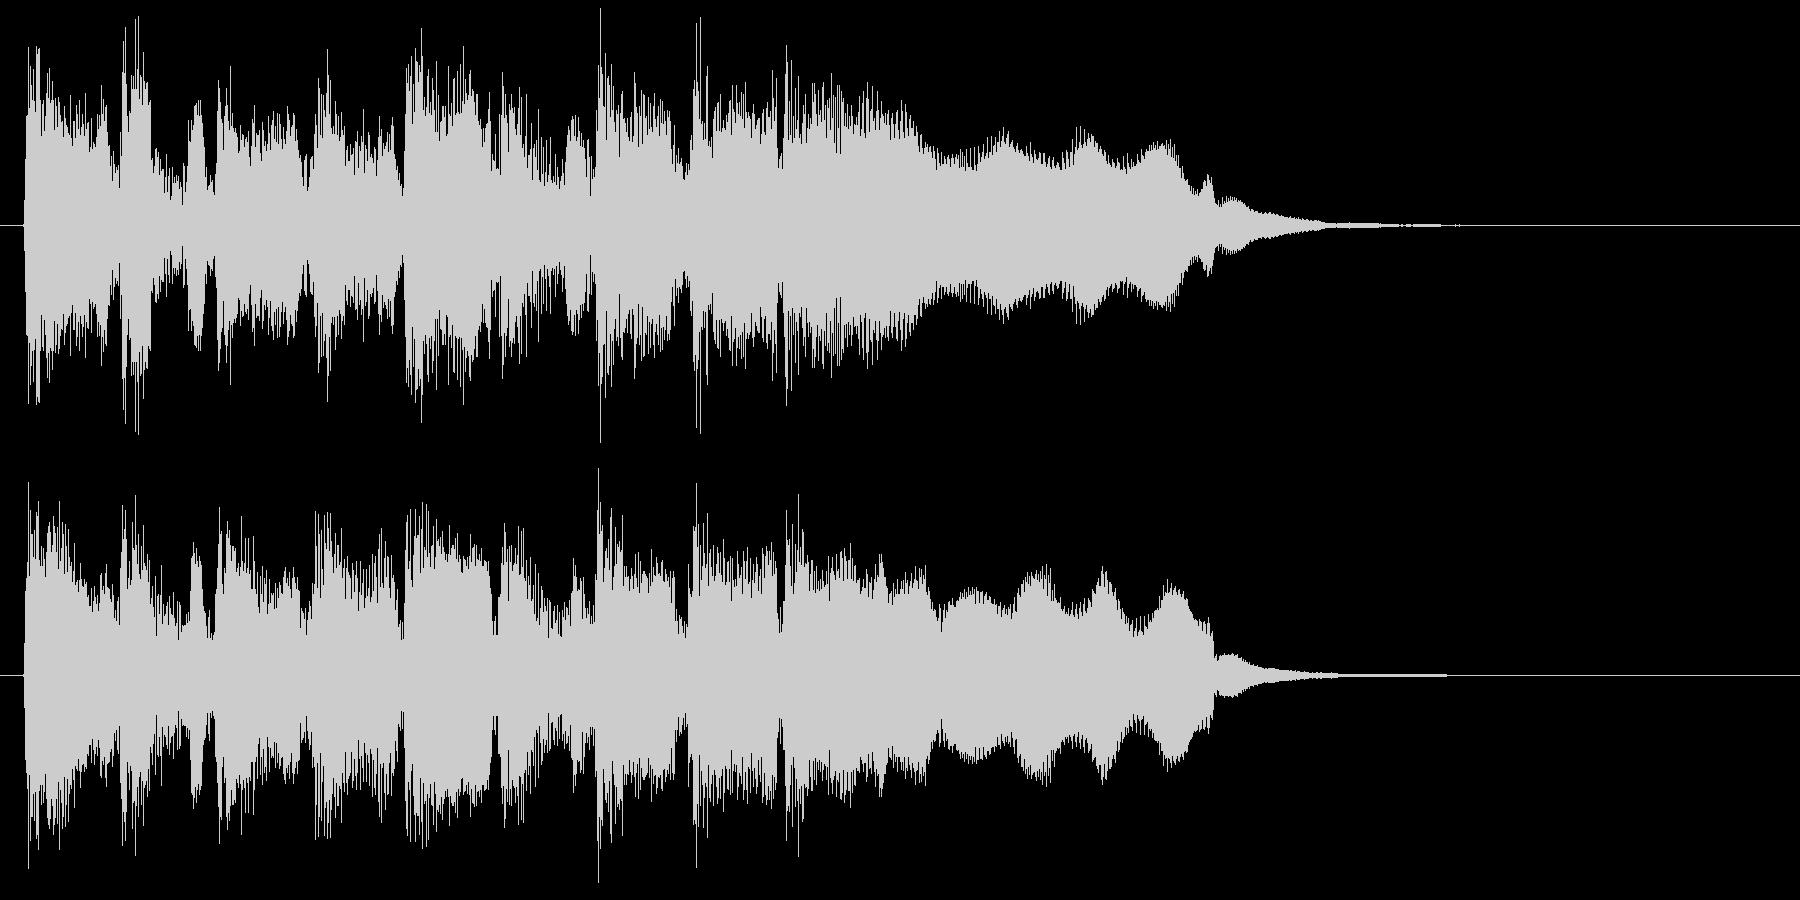 リコーダー、楽しい弾むリズムのジングルの未再生の波形